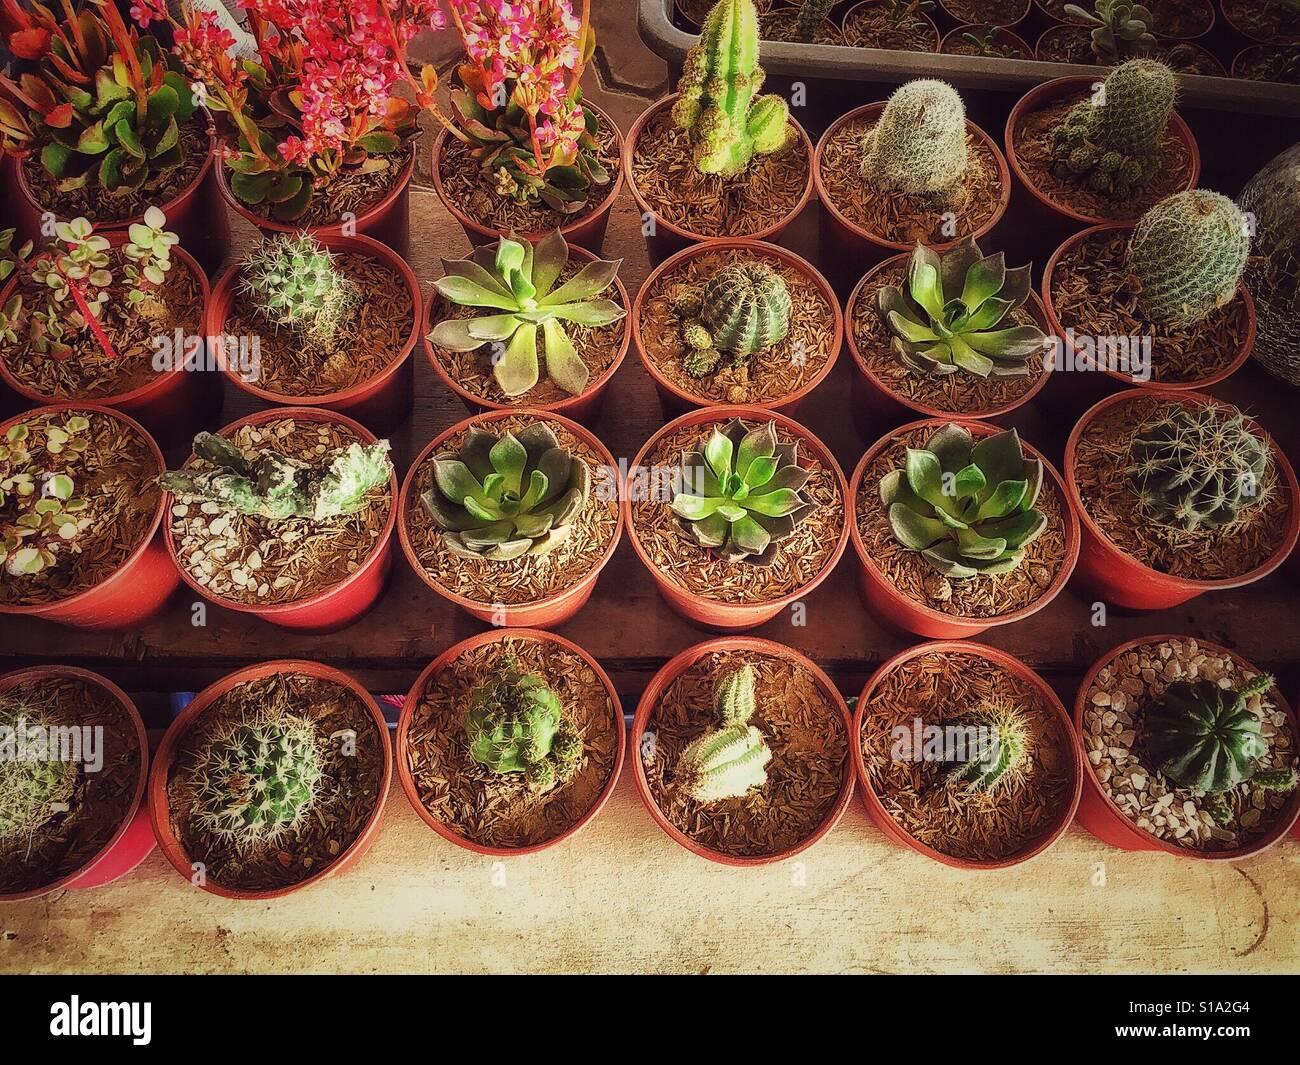 Indoor Succulents Stock Photos & Indoor Succulents Stock Images - Alamy